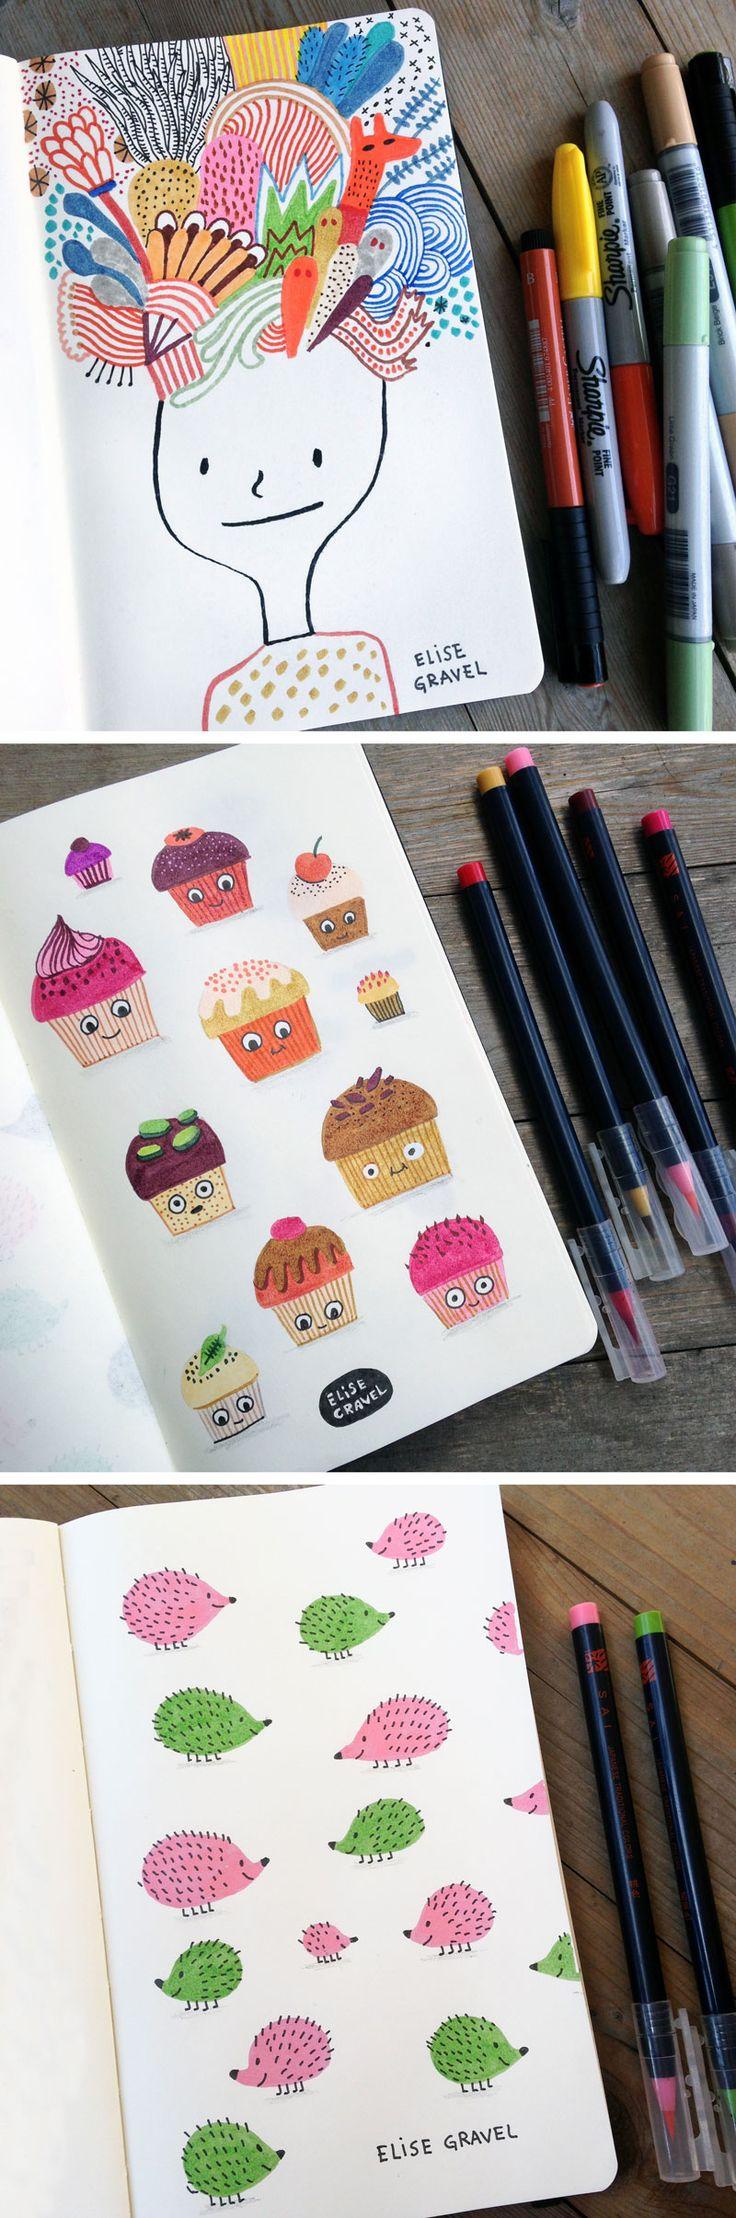 Elise Gravel illustration • sketchbook • notebook • doodles • drawings • art •…